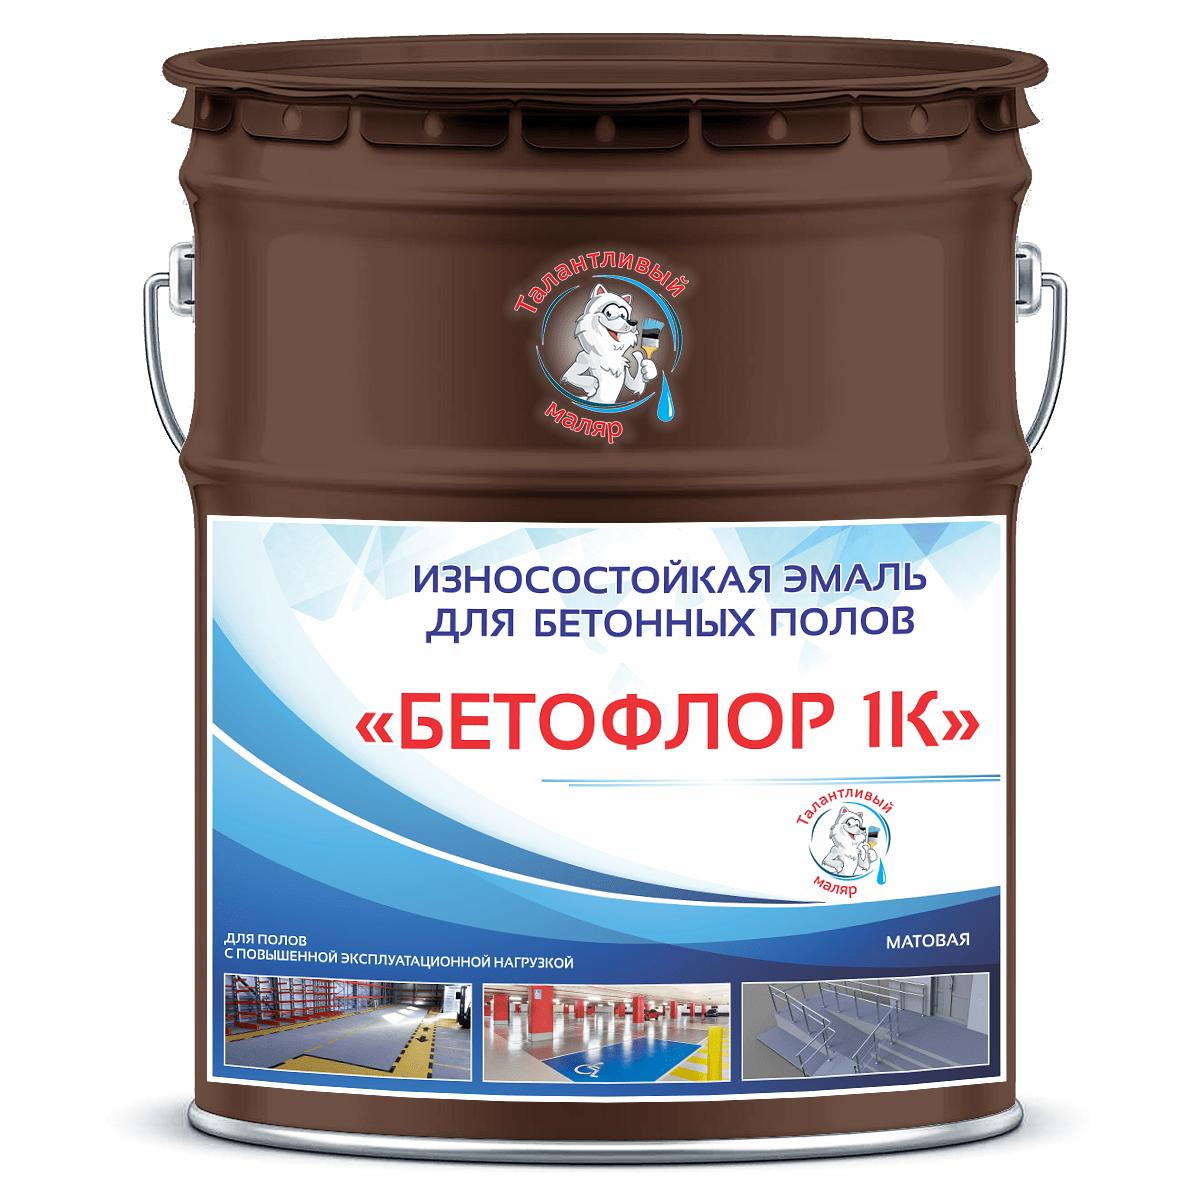 """Фото 11 - BF8015 Эмаль для бетонных полов """"Бетофлор"""" 1К цвет RAL 8015 Коричневый каштан, матовая износостойкая, 25 кг """"Талантливый Маляр""""."""